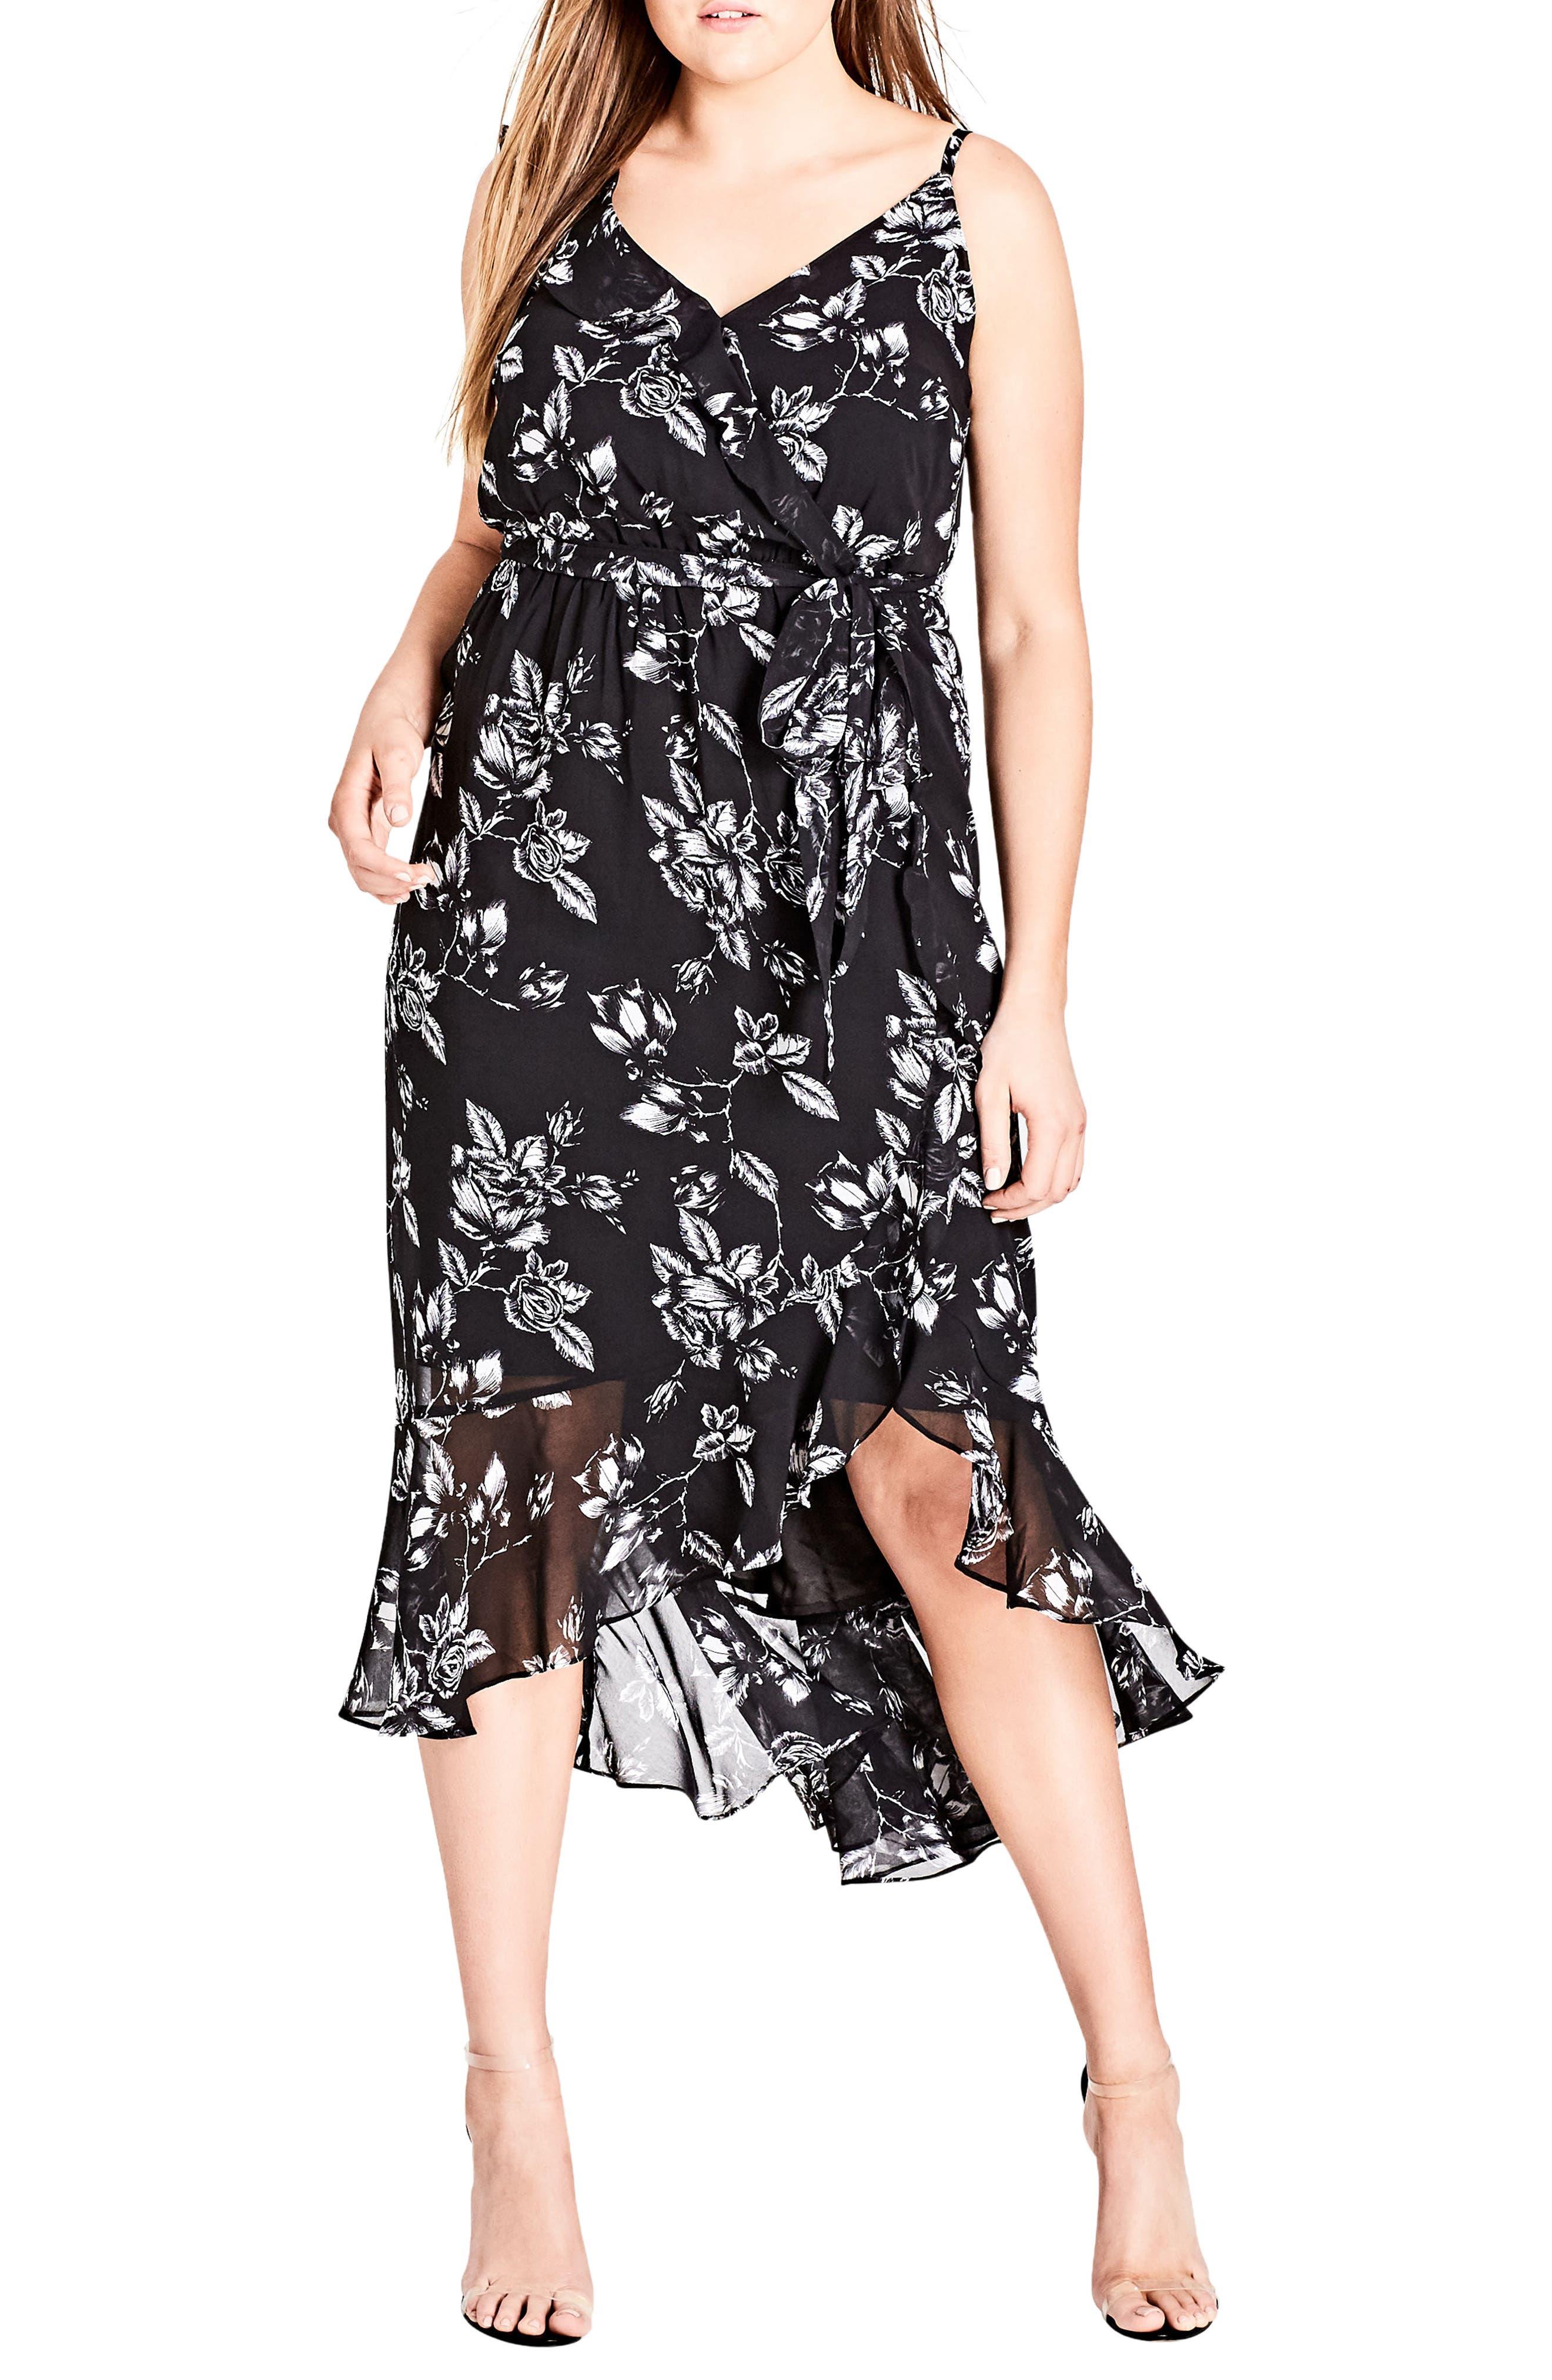 Plus Size City Chic Frill Rose Faux Wrap Dress, Black